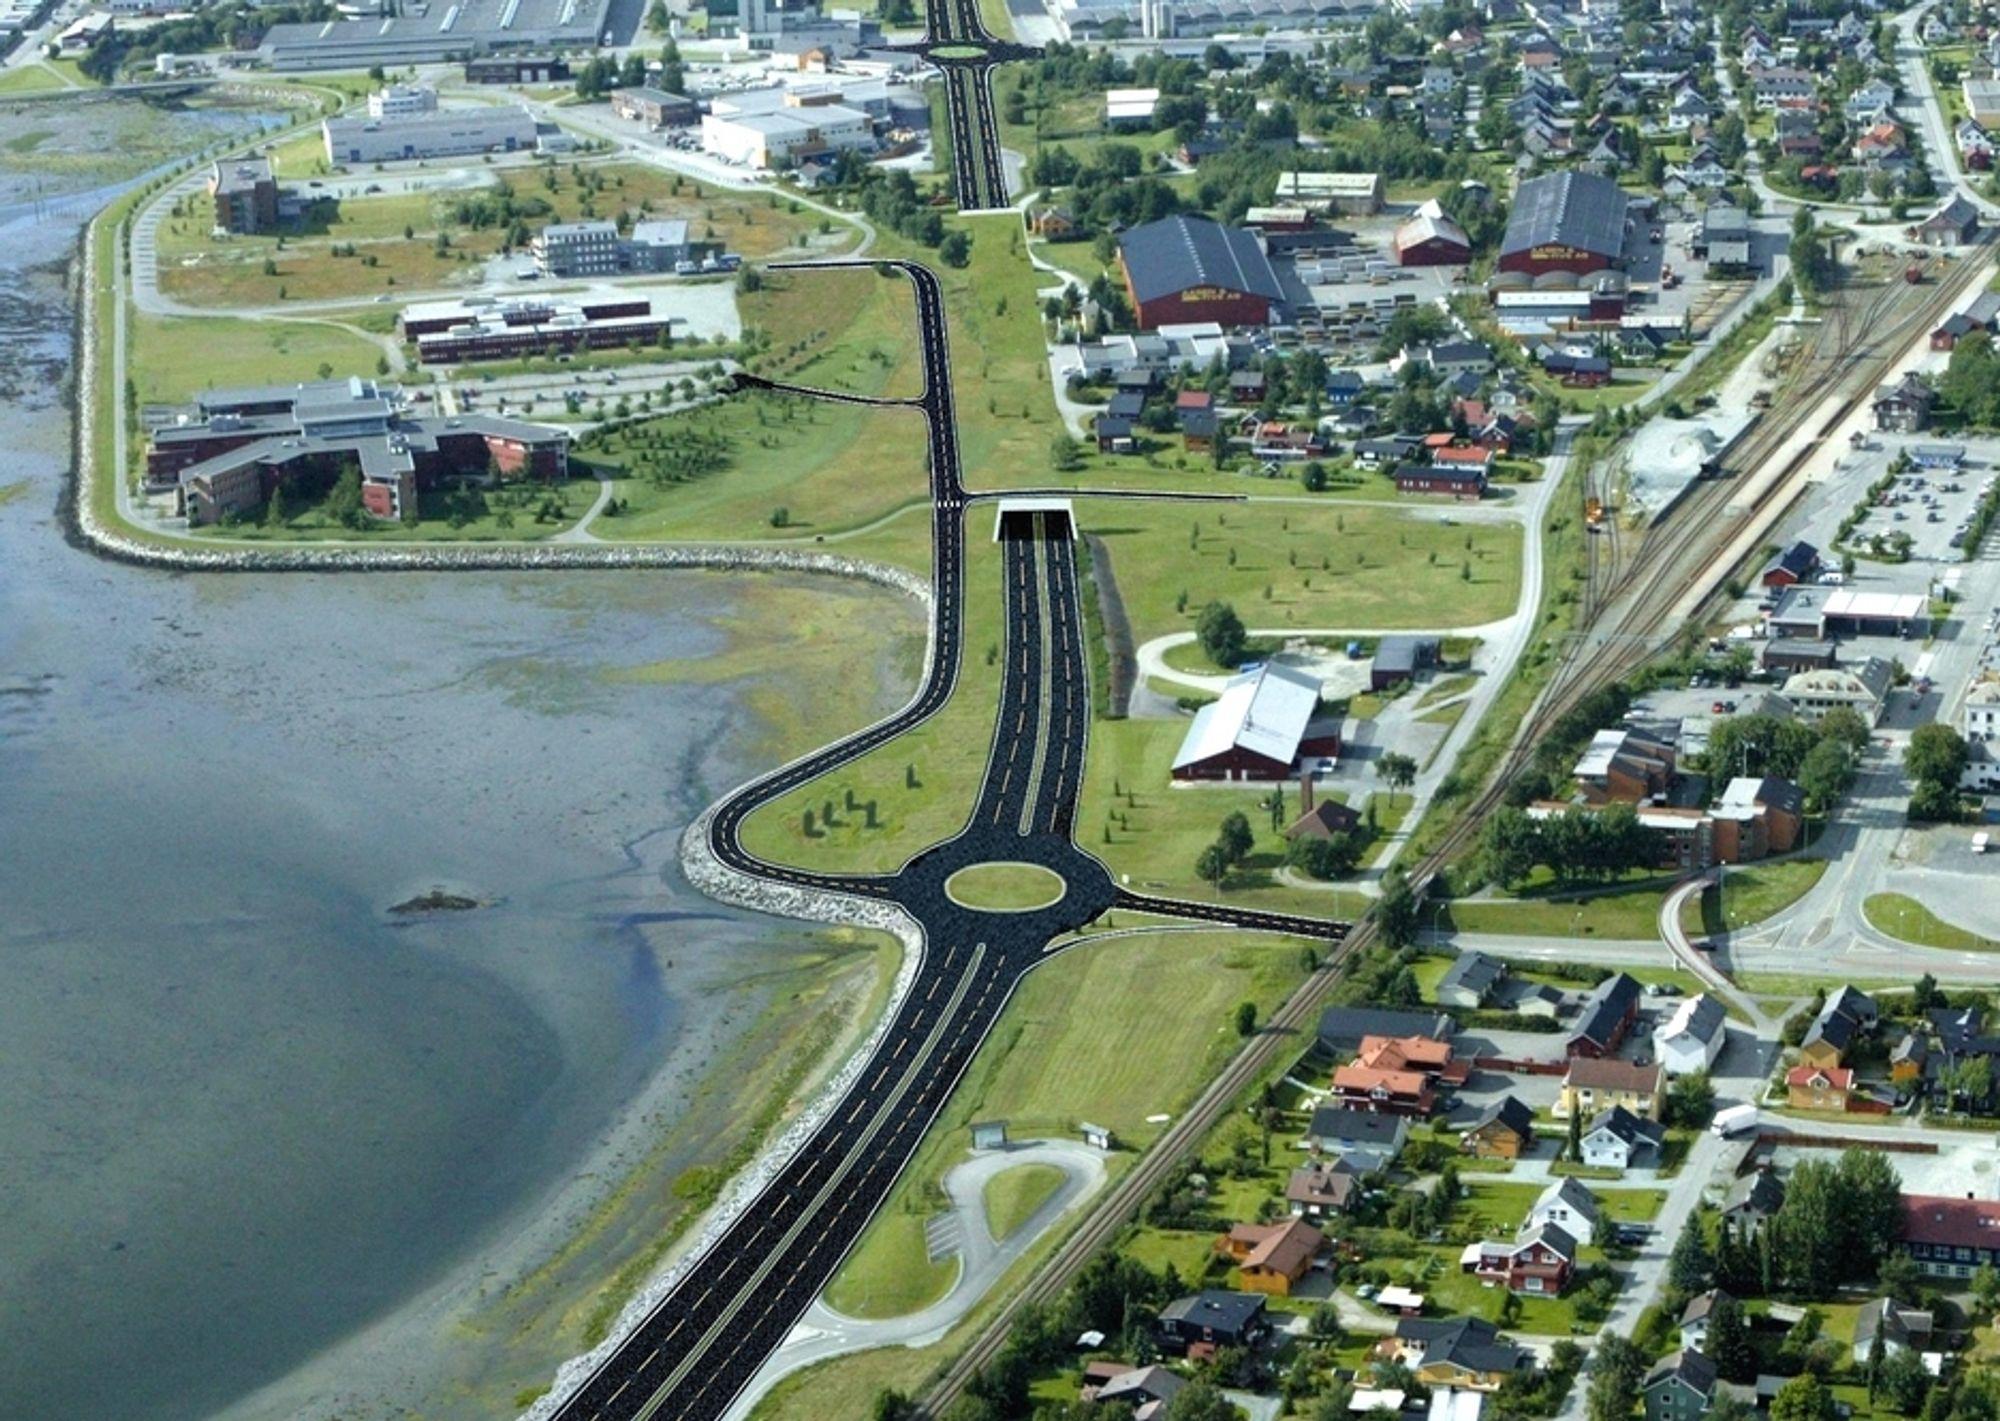 Bildet viser den nordlige delen av strekningen Værnes-Havnekrysset. Rundkjøringen i forgrunnen er Halsøenkrysset hvor E 14 tar av fra E 6. I bakgrunnen ligger Tangtunnelen. Grunnarbeid skal ta seg av alle veger som er markert med svart.